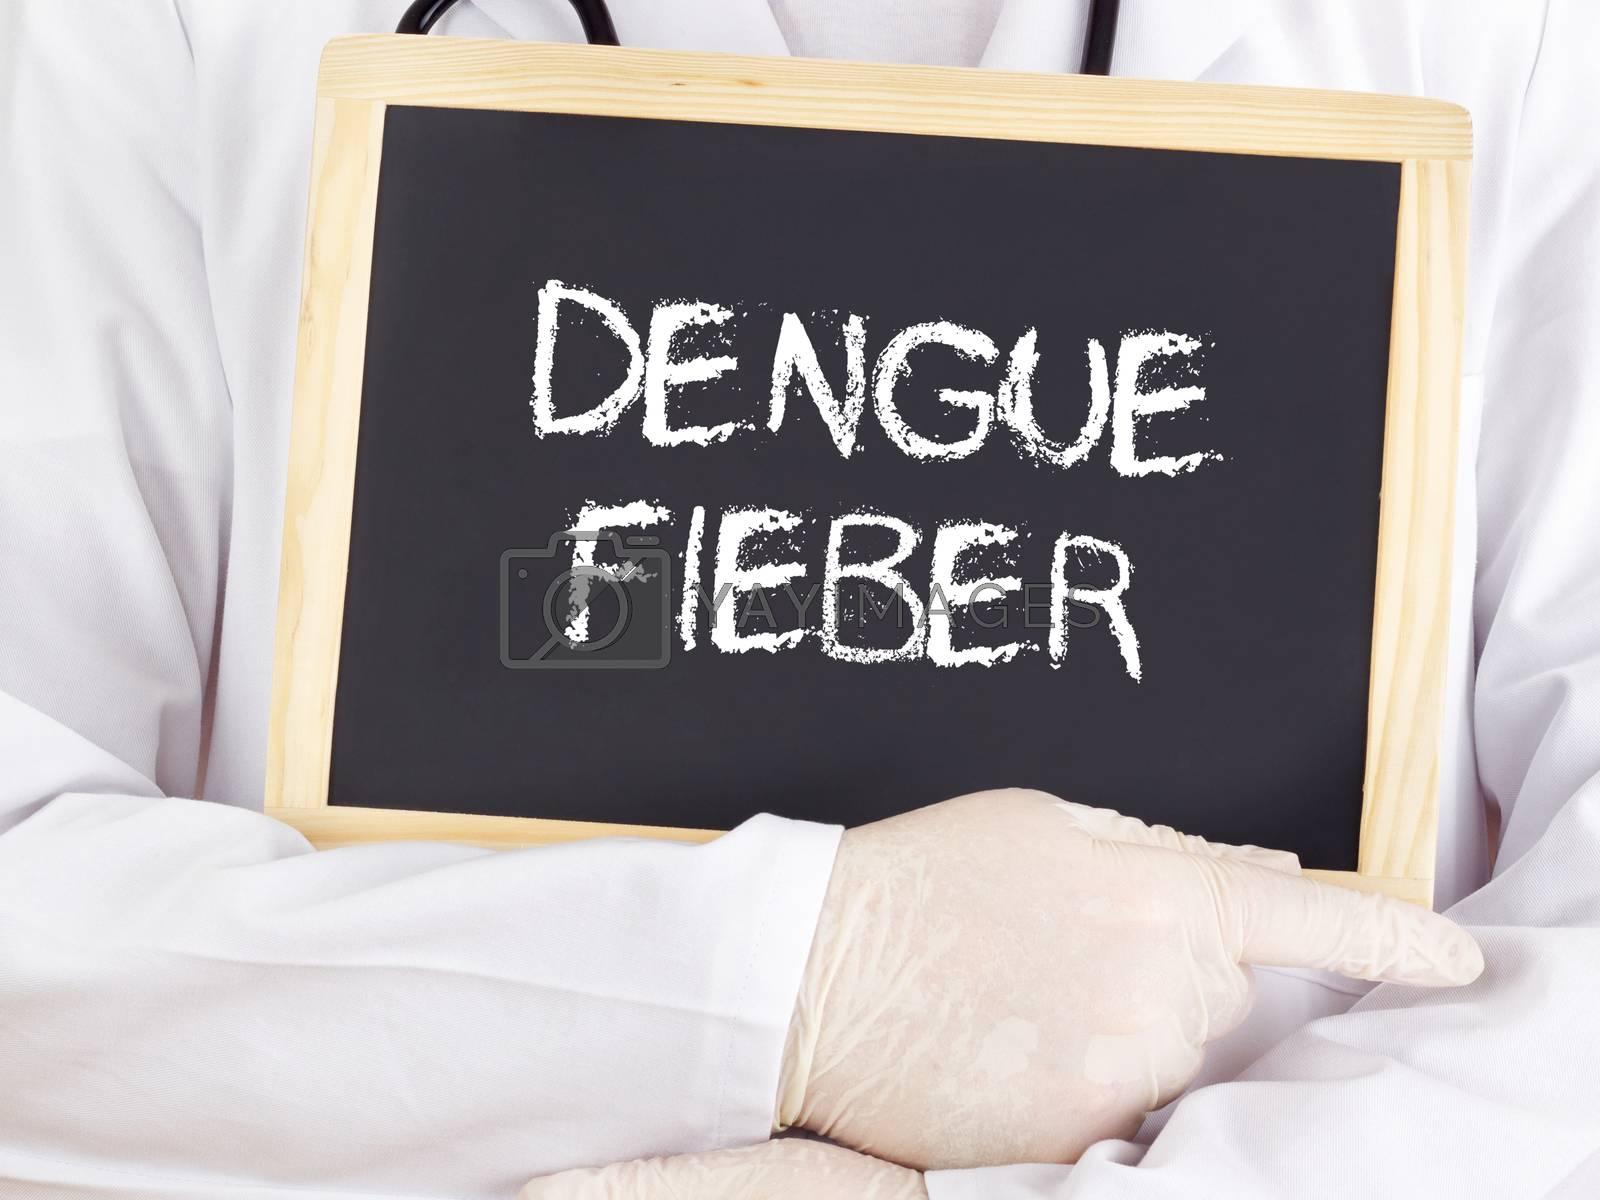 Doctor shows information: Dengue fever in german